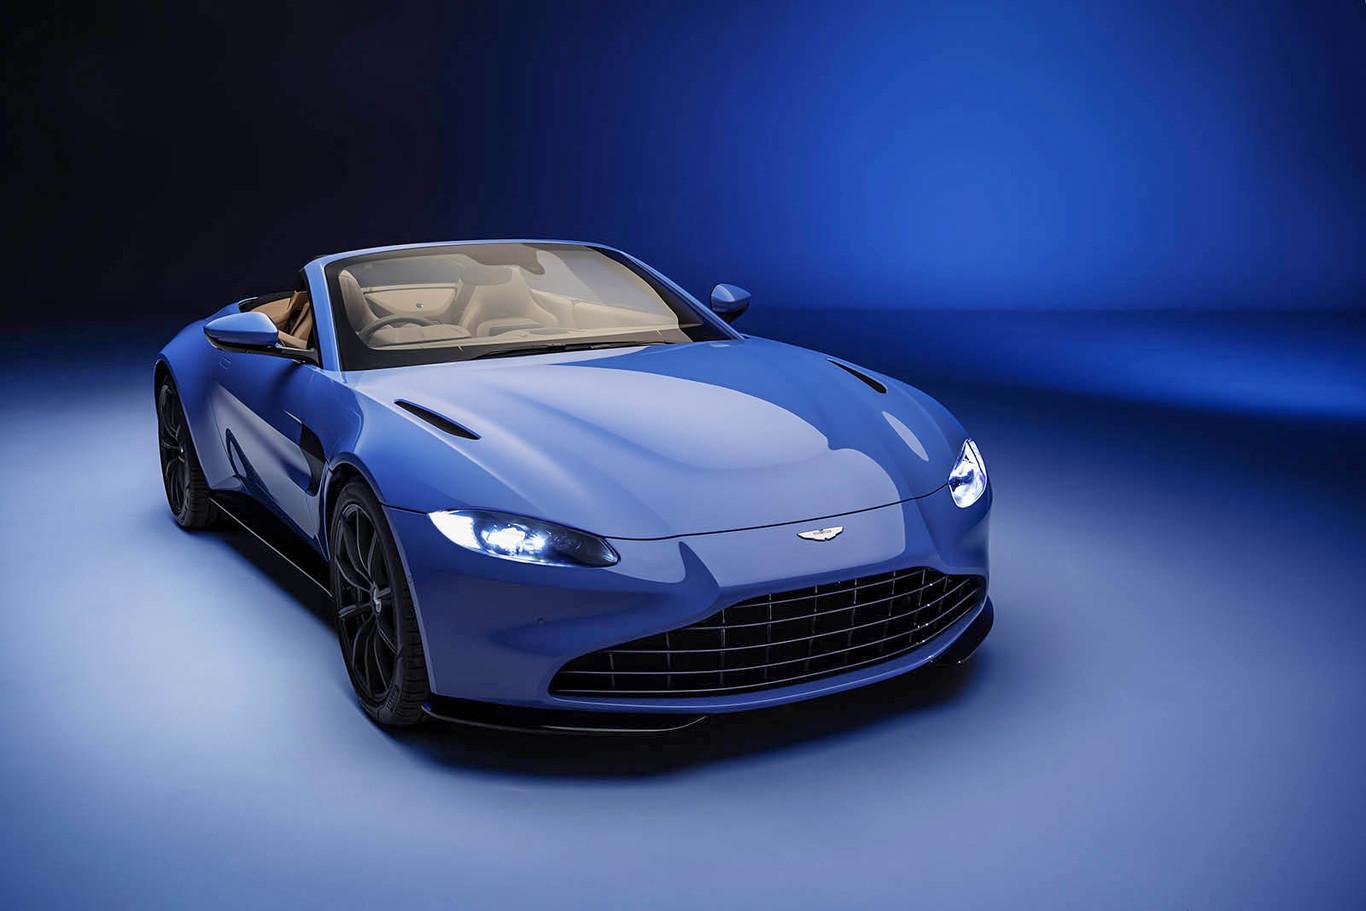 El Nuevo Aston Martin Vantage Roadster Es El Cabrio Con La Capota Mas Rapida Del Mundo